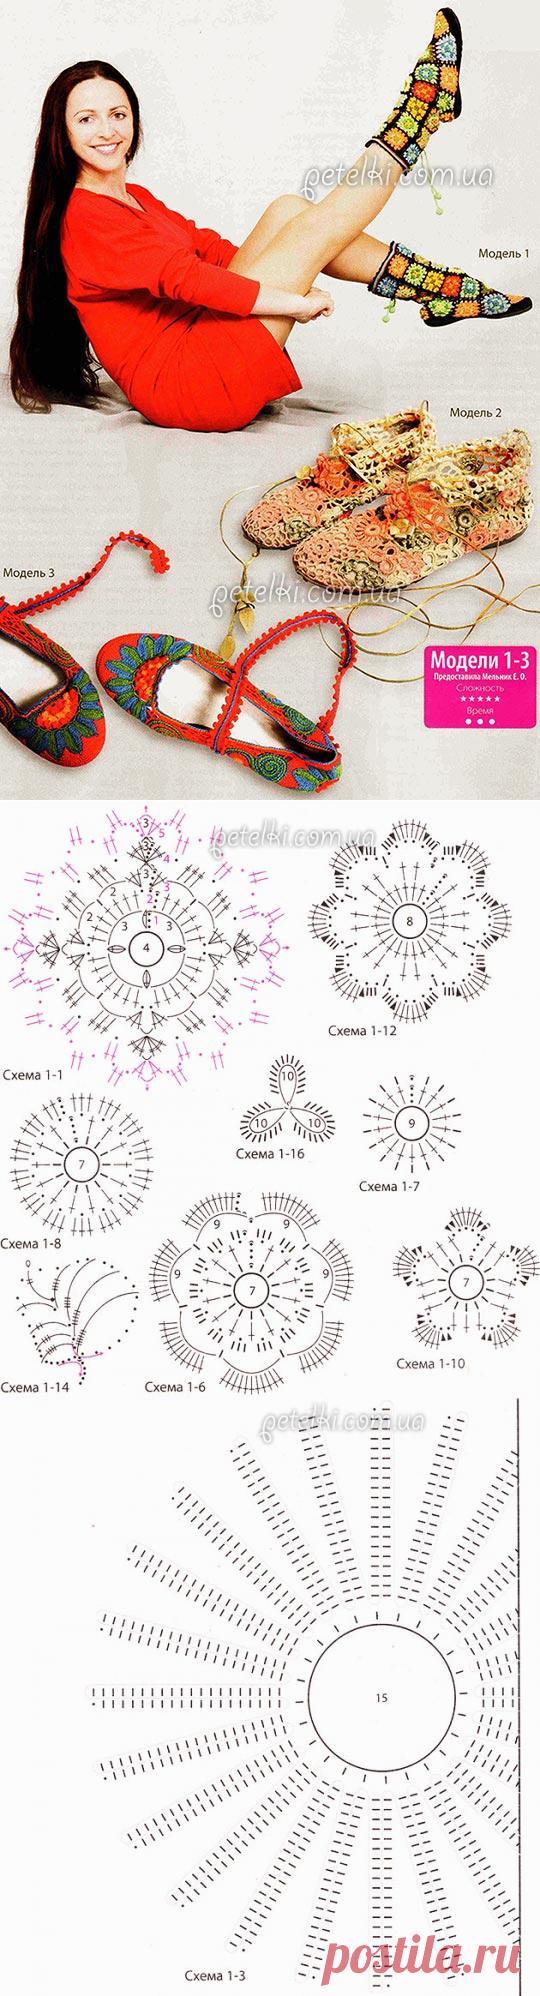 Красивая вязаная обувь. МК, описание, схемы